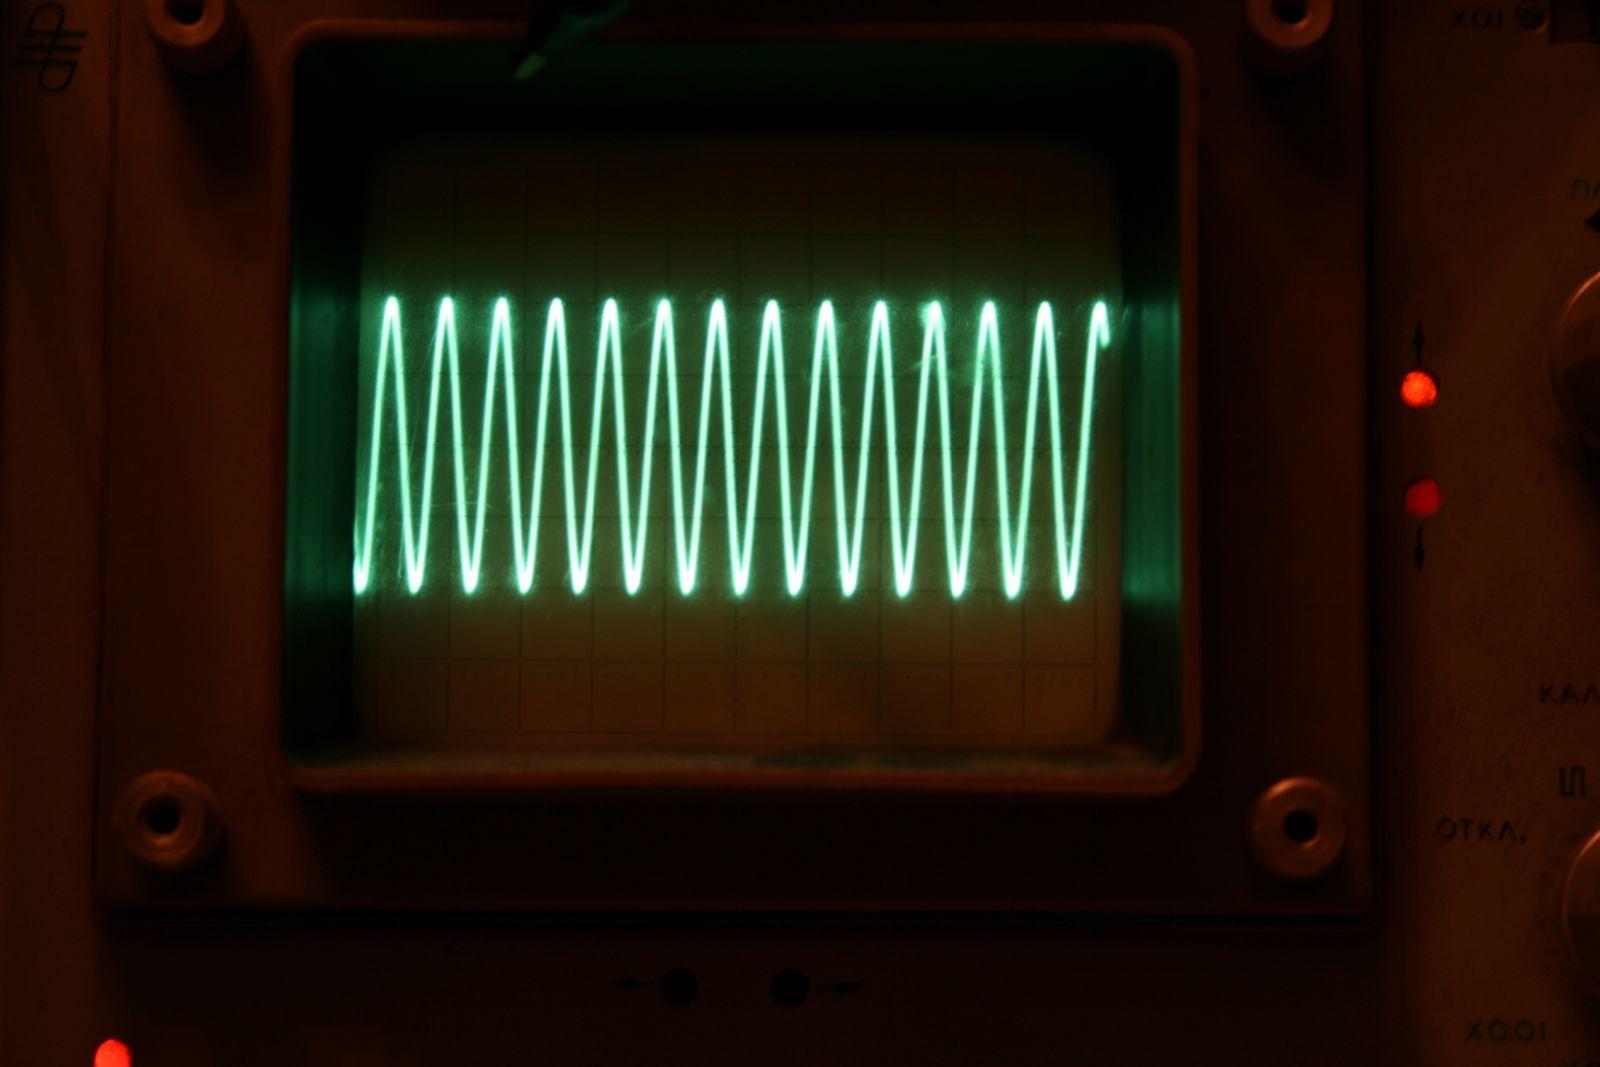 Эмулятор RFID - 27